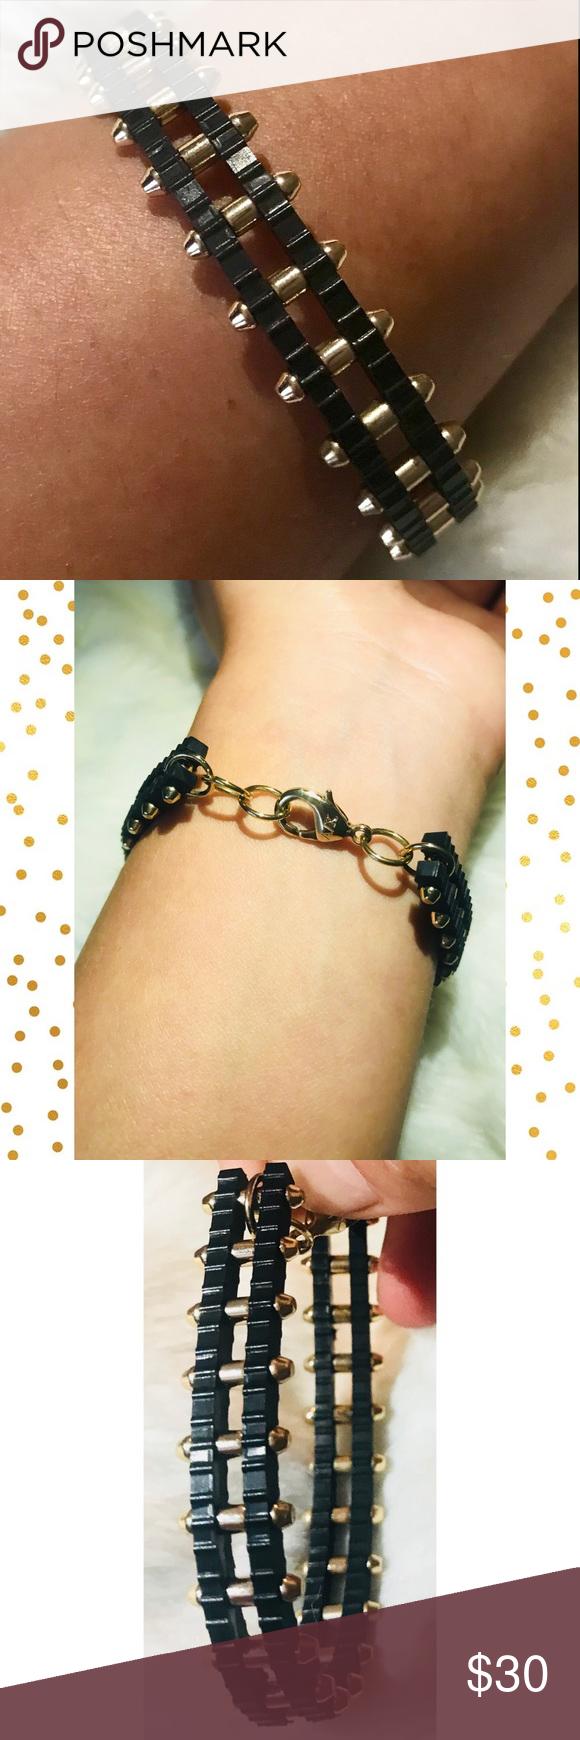 Nwot unisex armani exchange bracelet